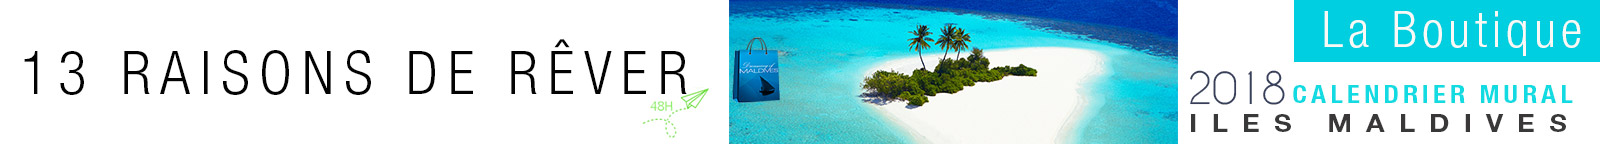 Calendrier des Iles 2018 Maldives